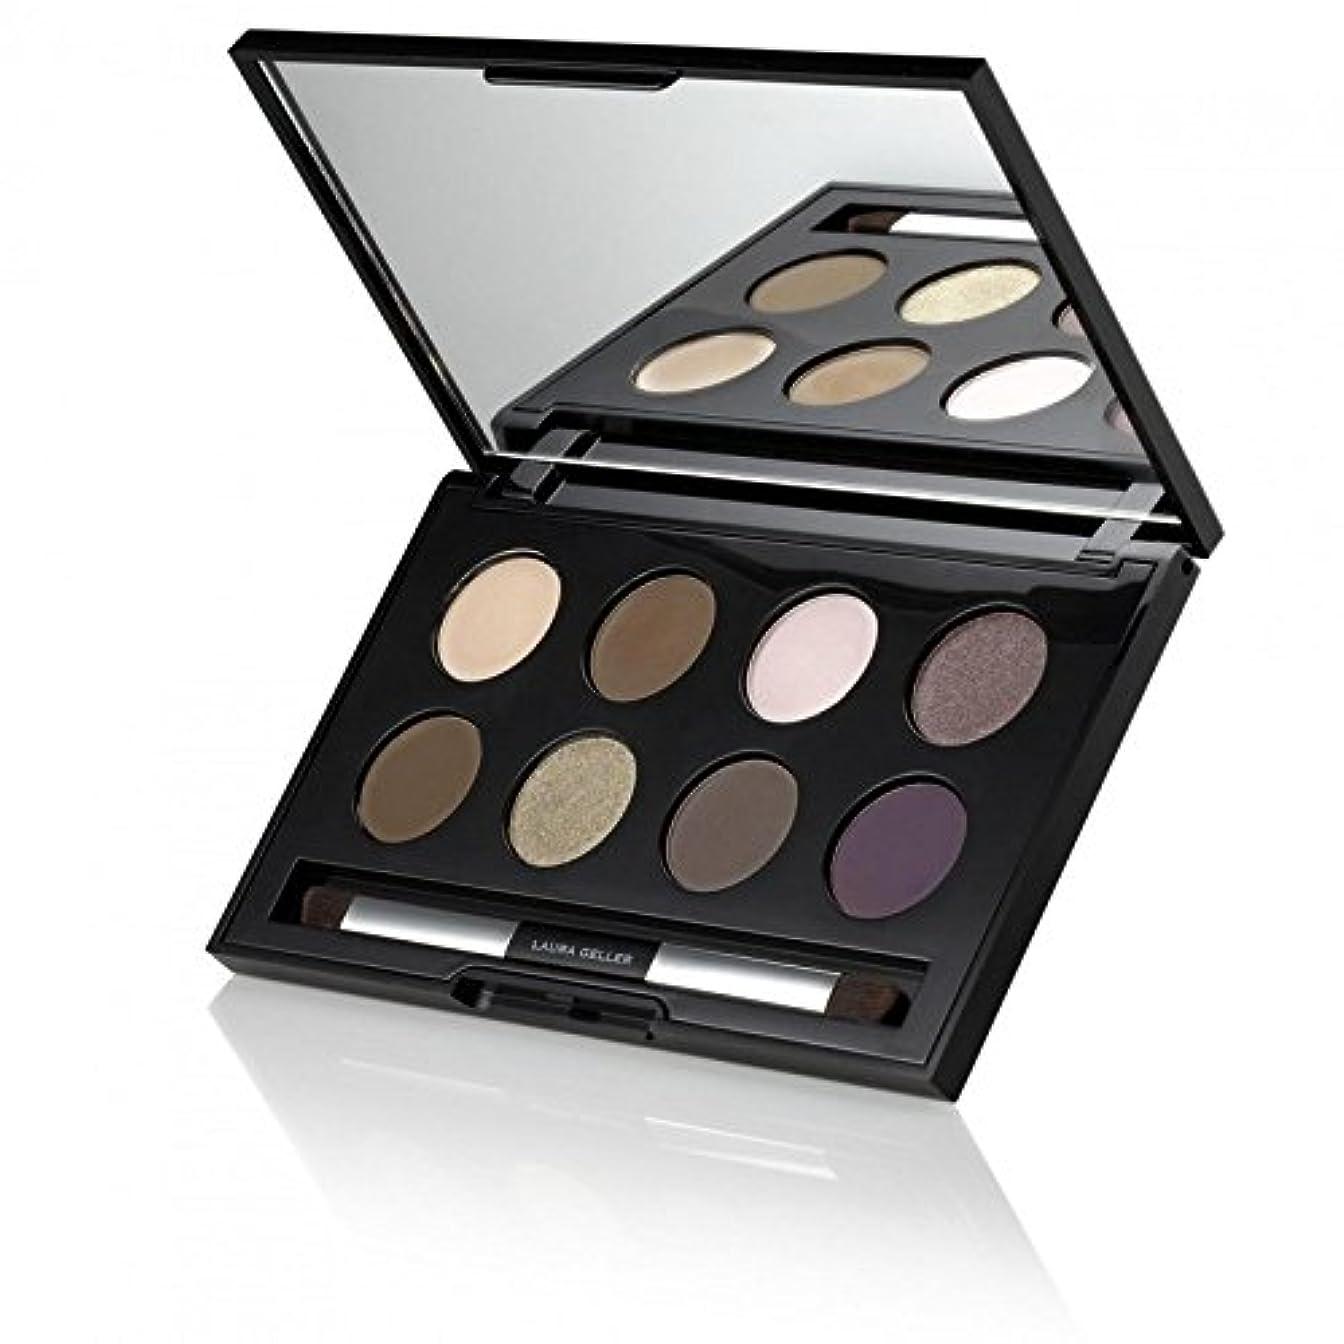 軽蔑する放つ近傍Laura Geller Creme Glaze Baked Eyeshadow Palette With Double-Ended Brush (Pack of 6) - ローラ?ゲラーは、ダブルエンドブラシで焼いたアイシャドウパレットを釉薬 x6 [並行輸入品]